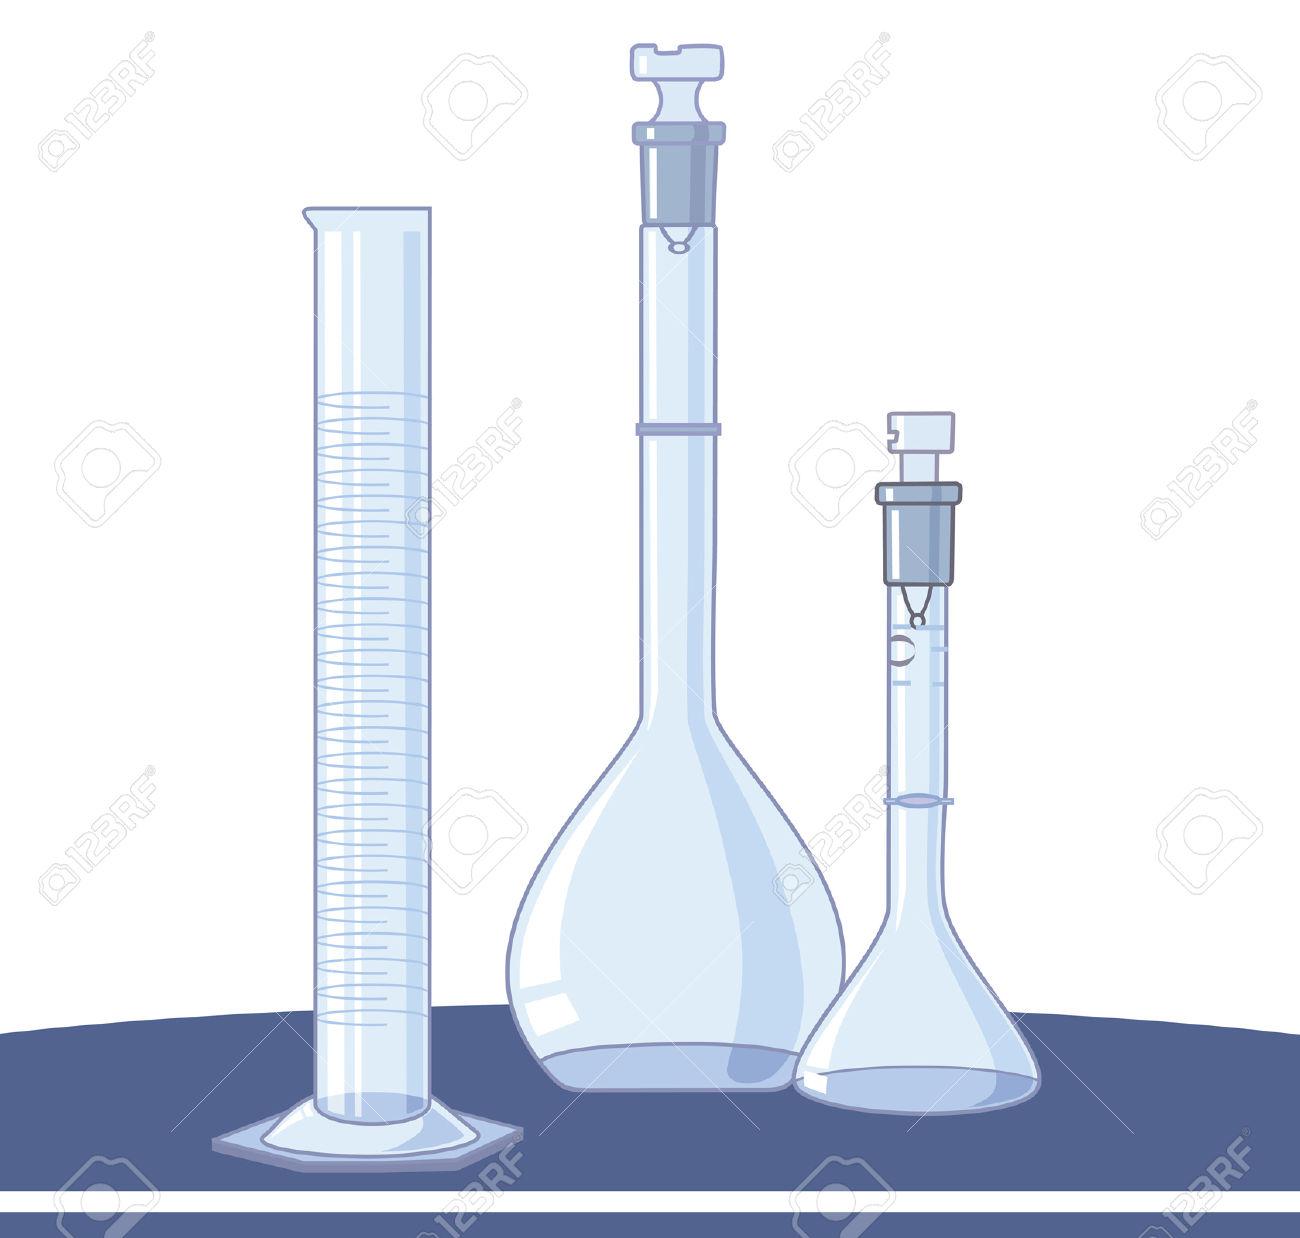 Laboratory glassware clipart free.